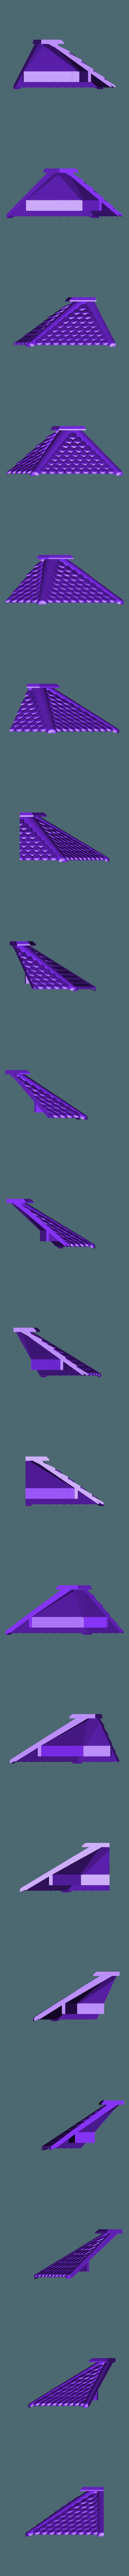 roof_part_2.stl Télécharger fichier STL gratuit Maison des oiseaux • Modèle pour imprimante 3D, poblocki1982